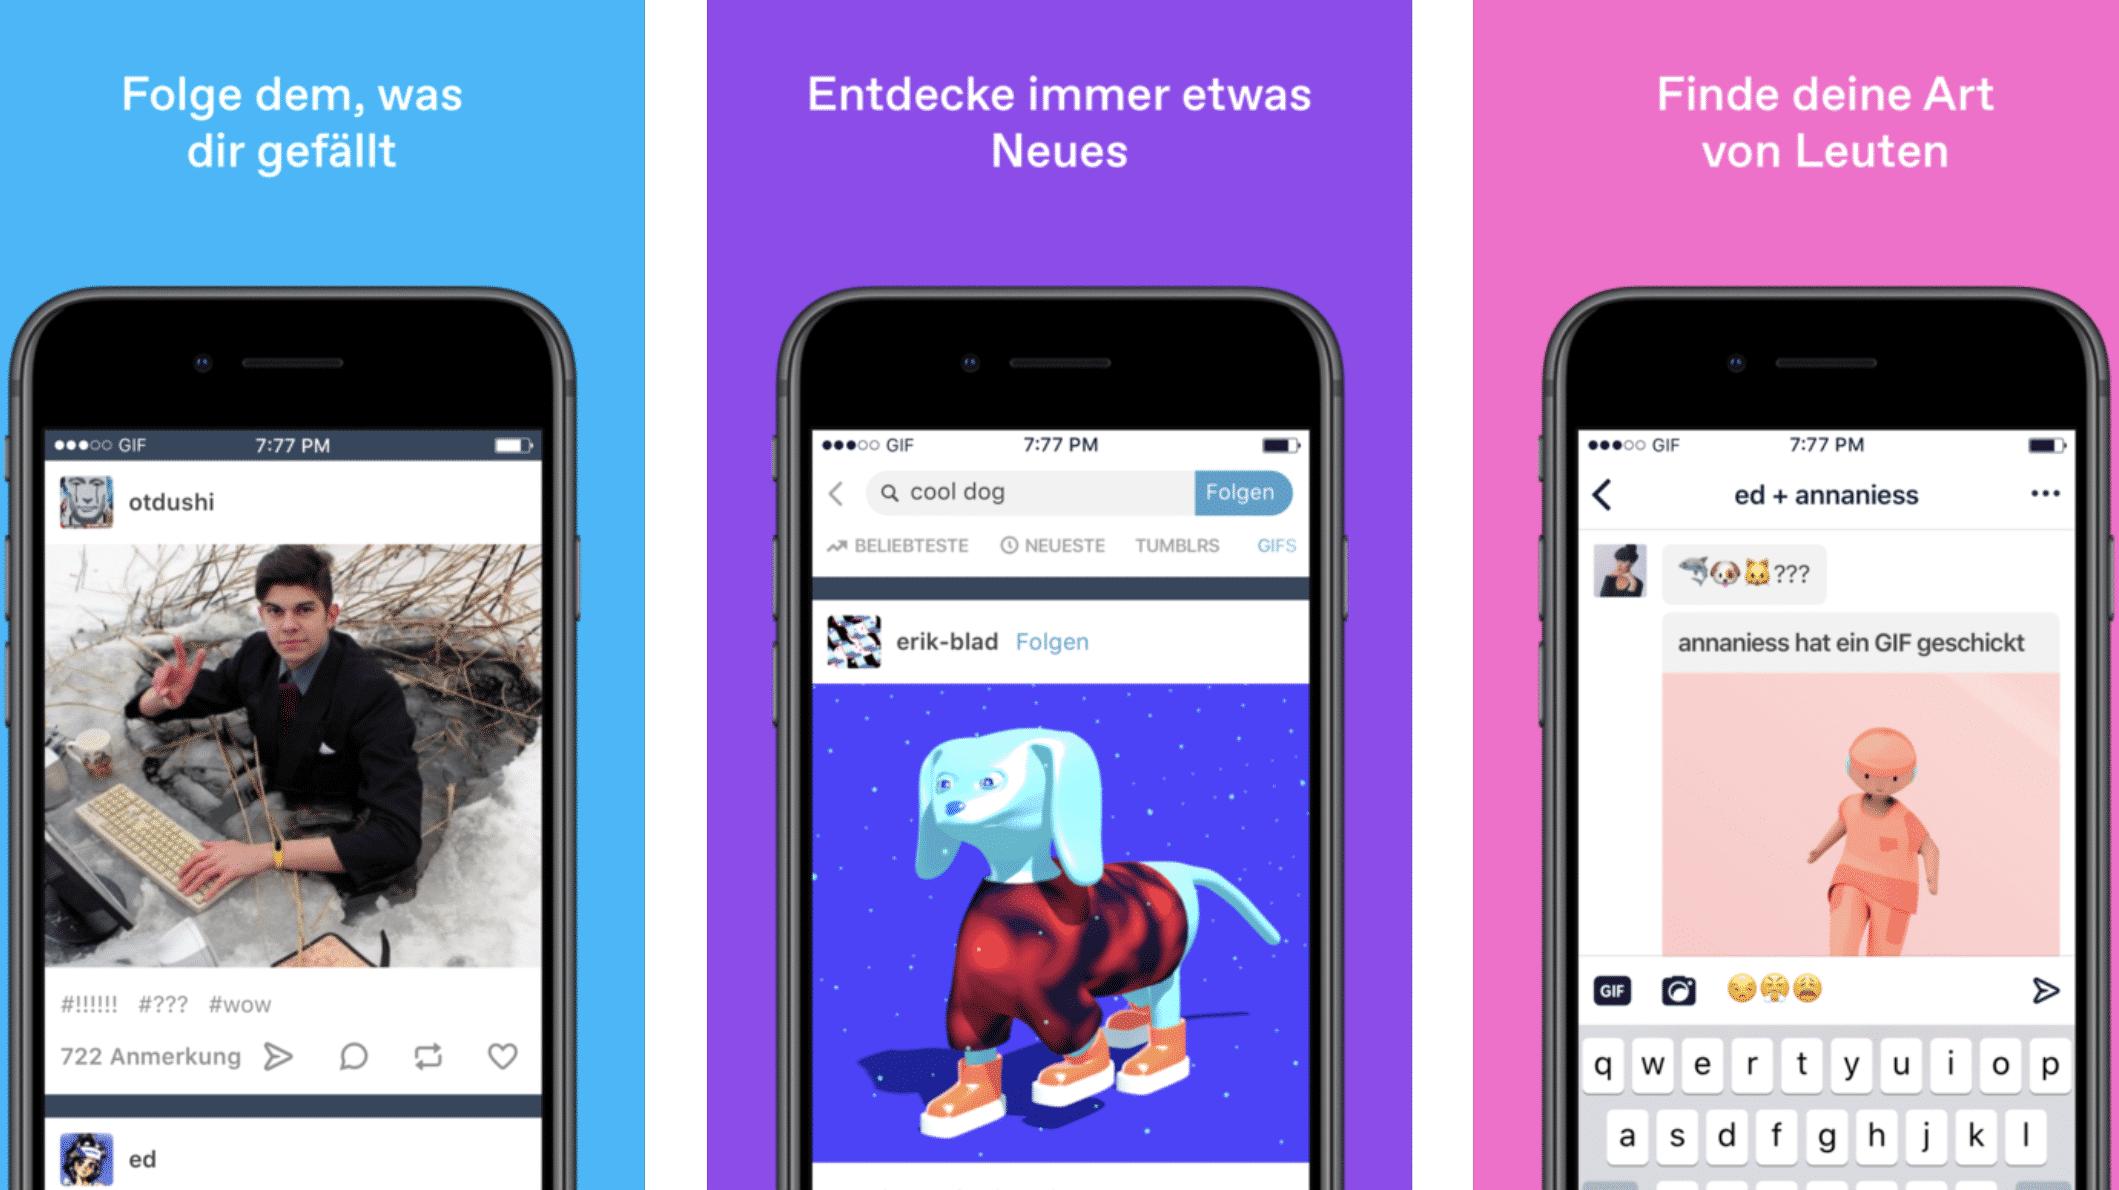 Tumblr nach Porno-Sperre zurück im App Store